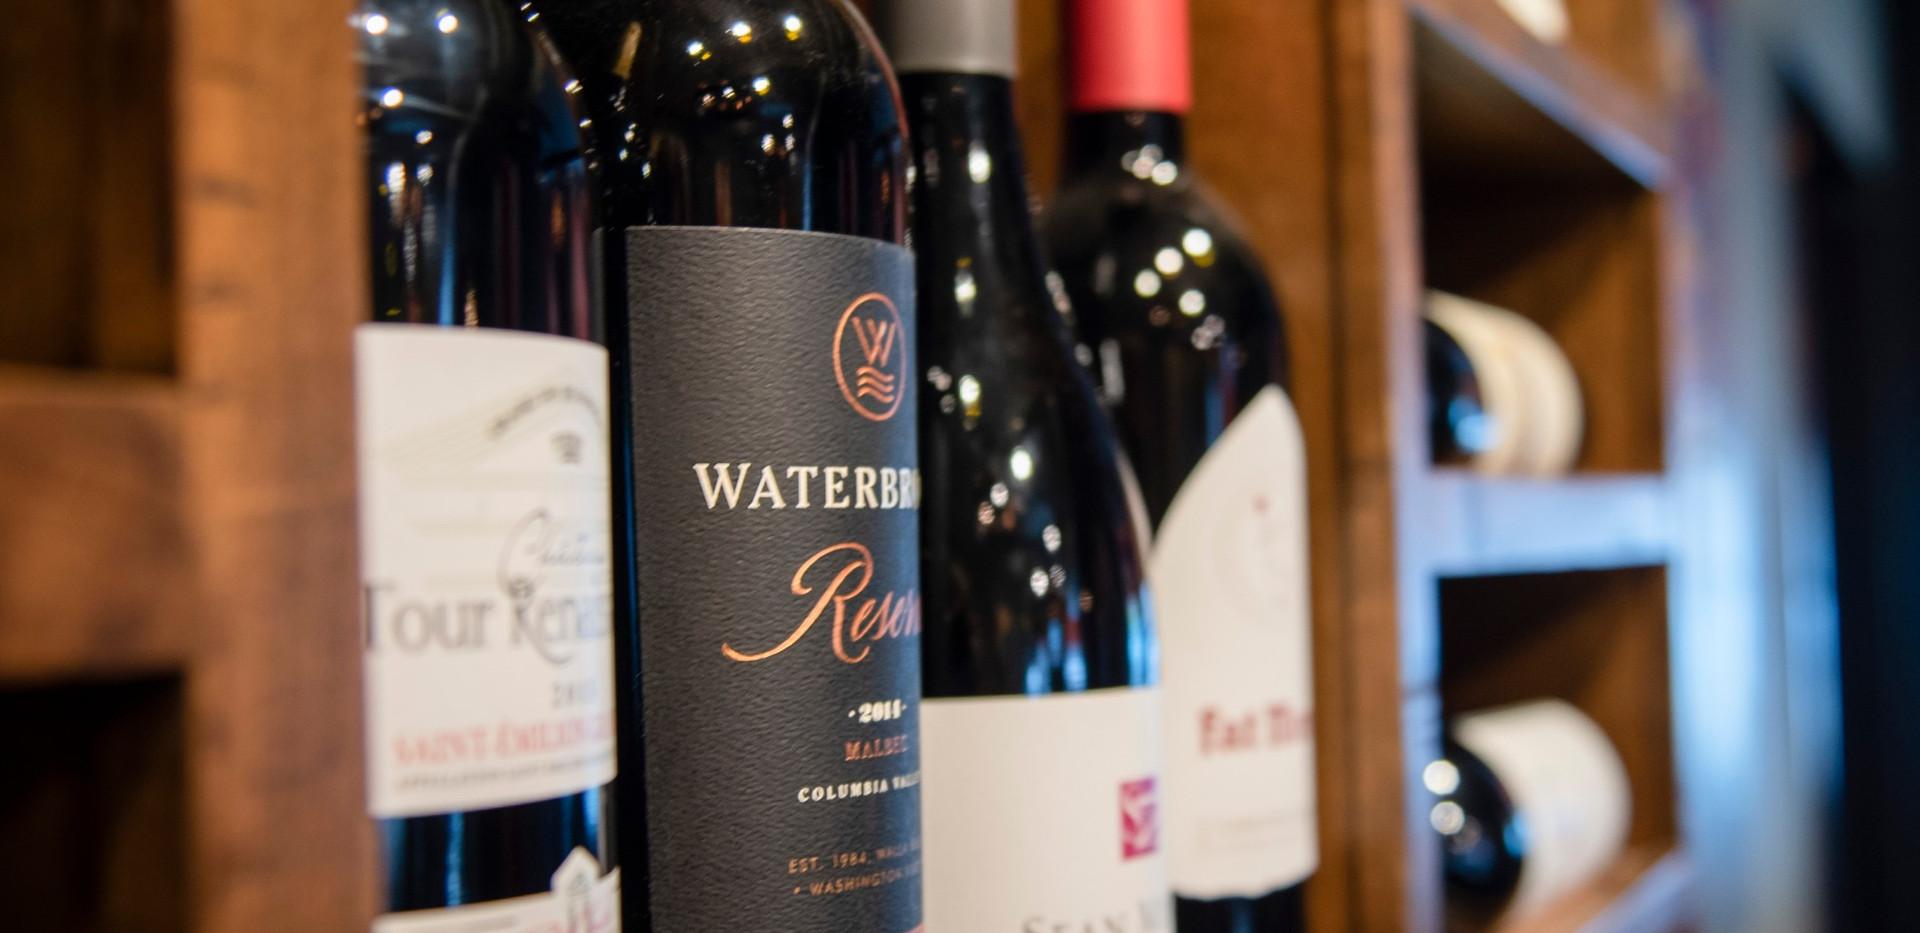 Wine Bottles_edited.jpg